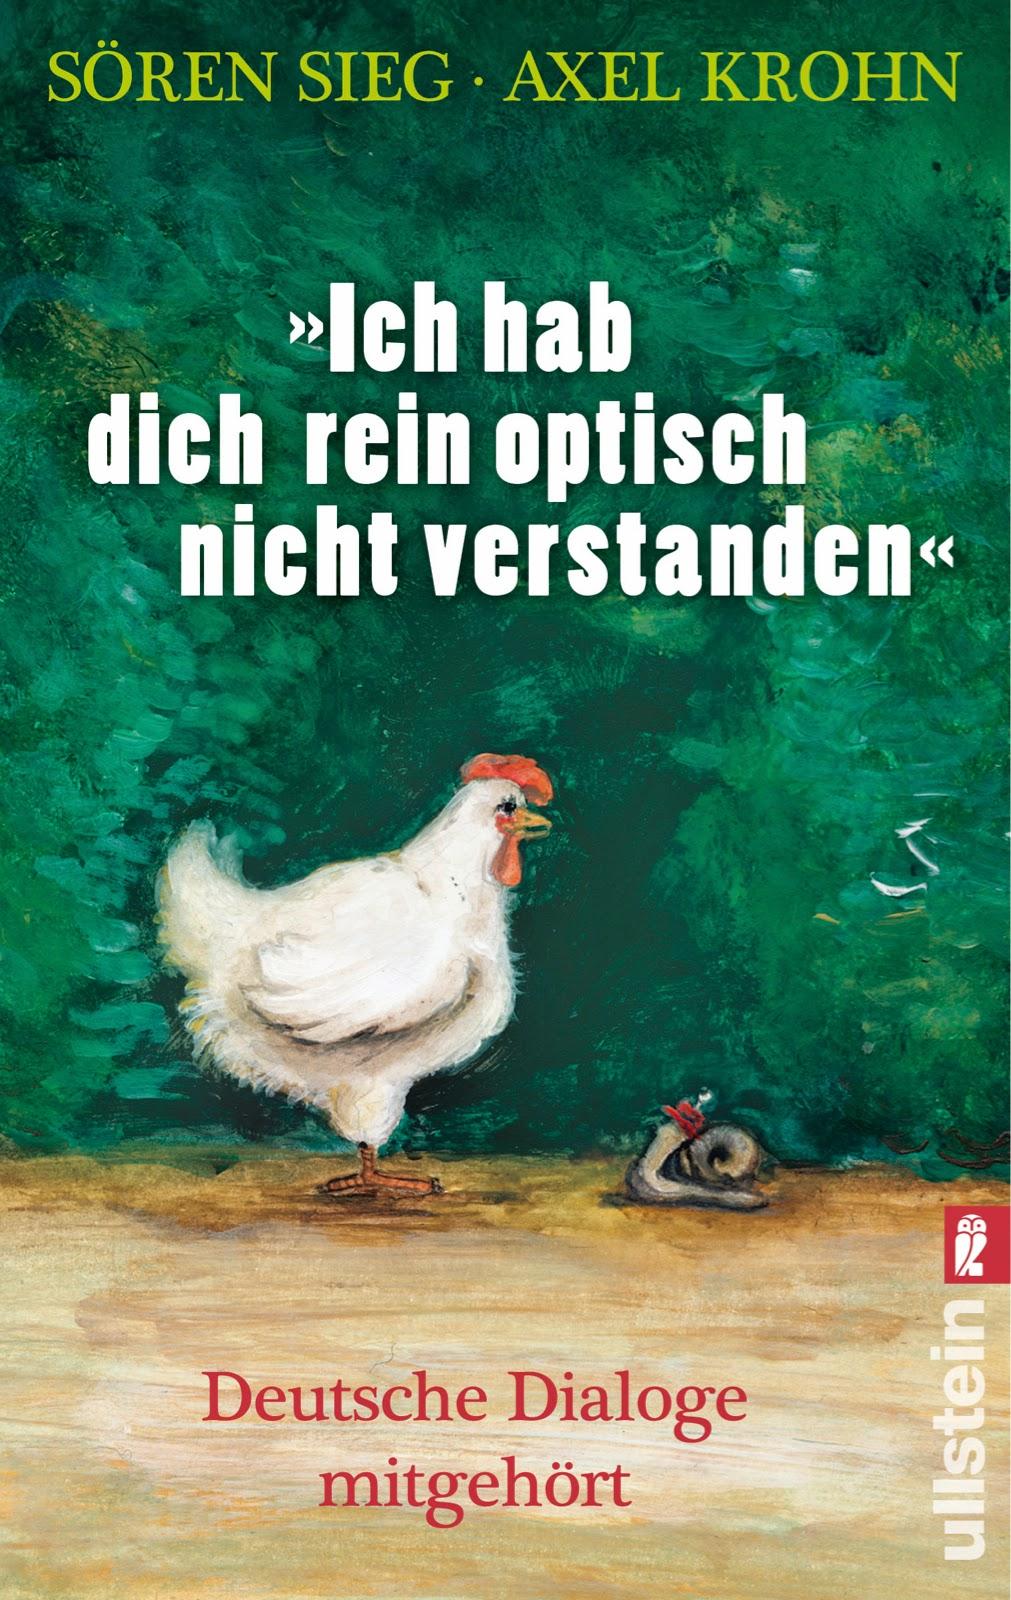 http://www.ullsteinbuchverlage.de/nc/buch/details/ich-hab-dich-rein-optisch-nicht-verstanden-9783548375397.html